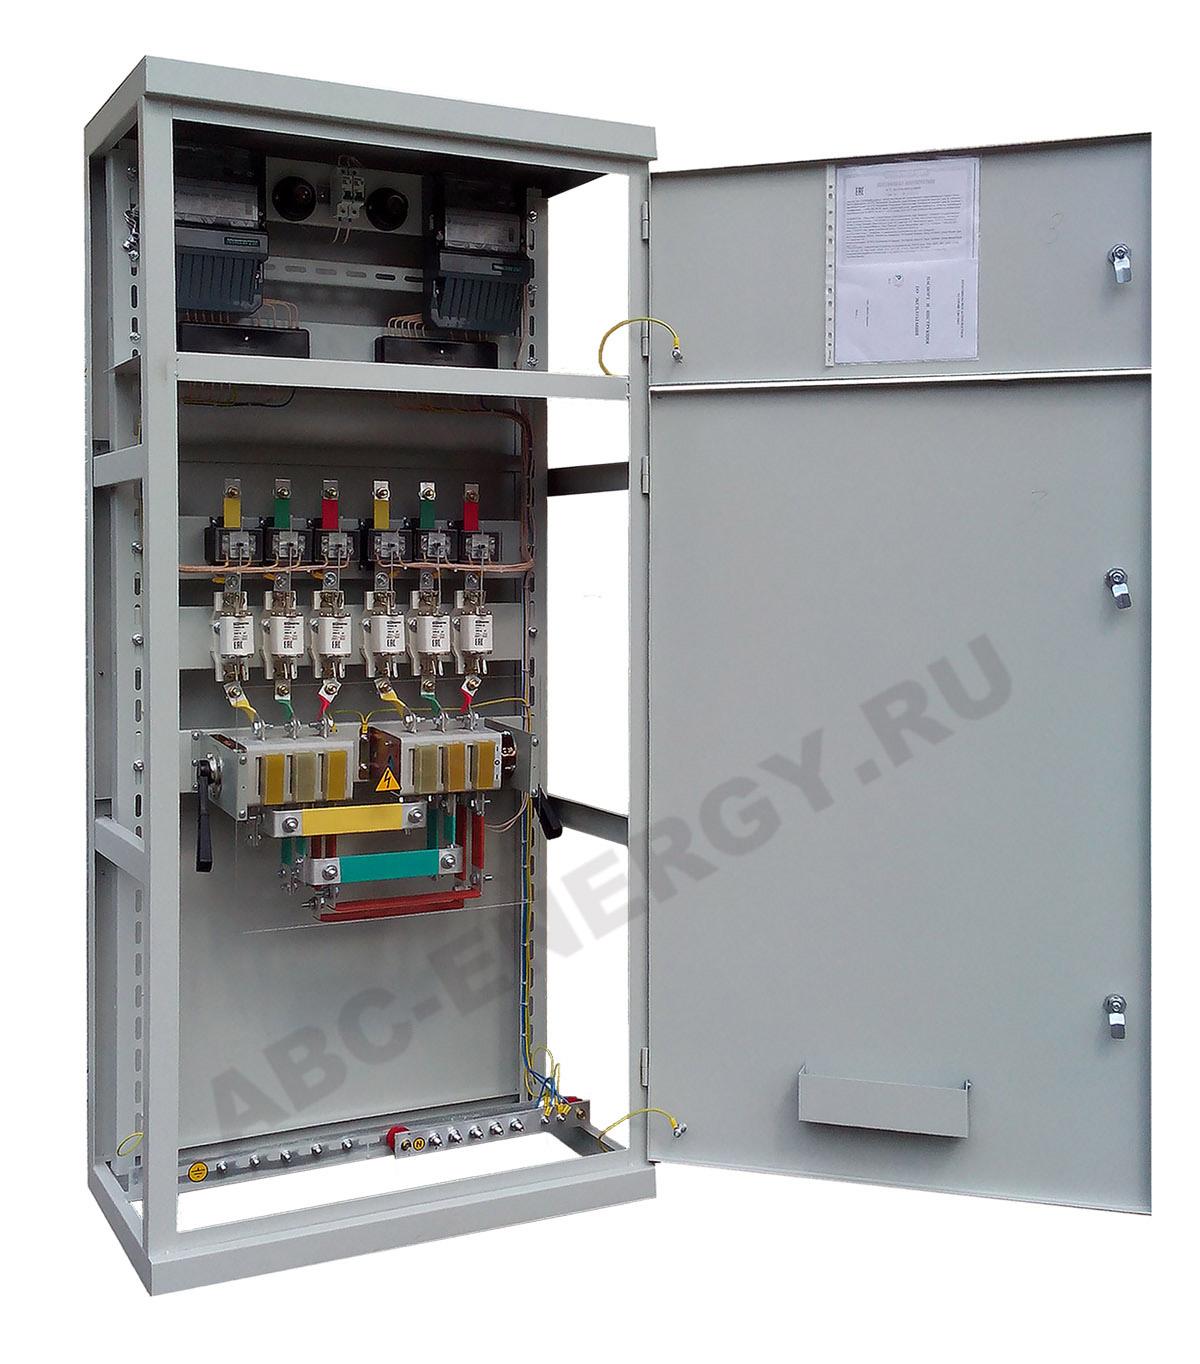 ВРУ1-11-10 купить, ВРУ1-11-10 цена, Фото ВРУ1-11-10, abc-energy.ru +7(863) 241-72-92